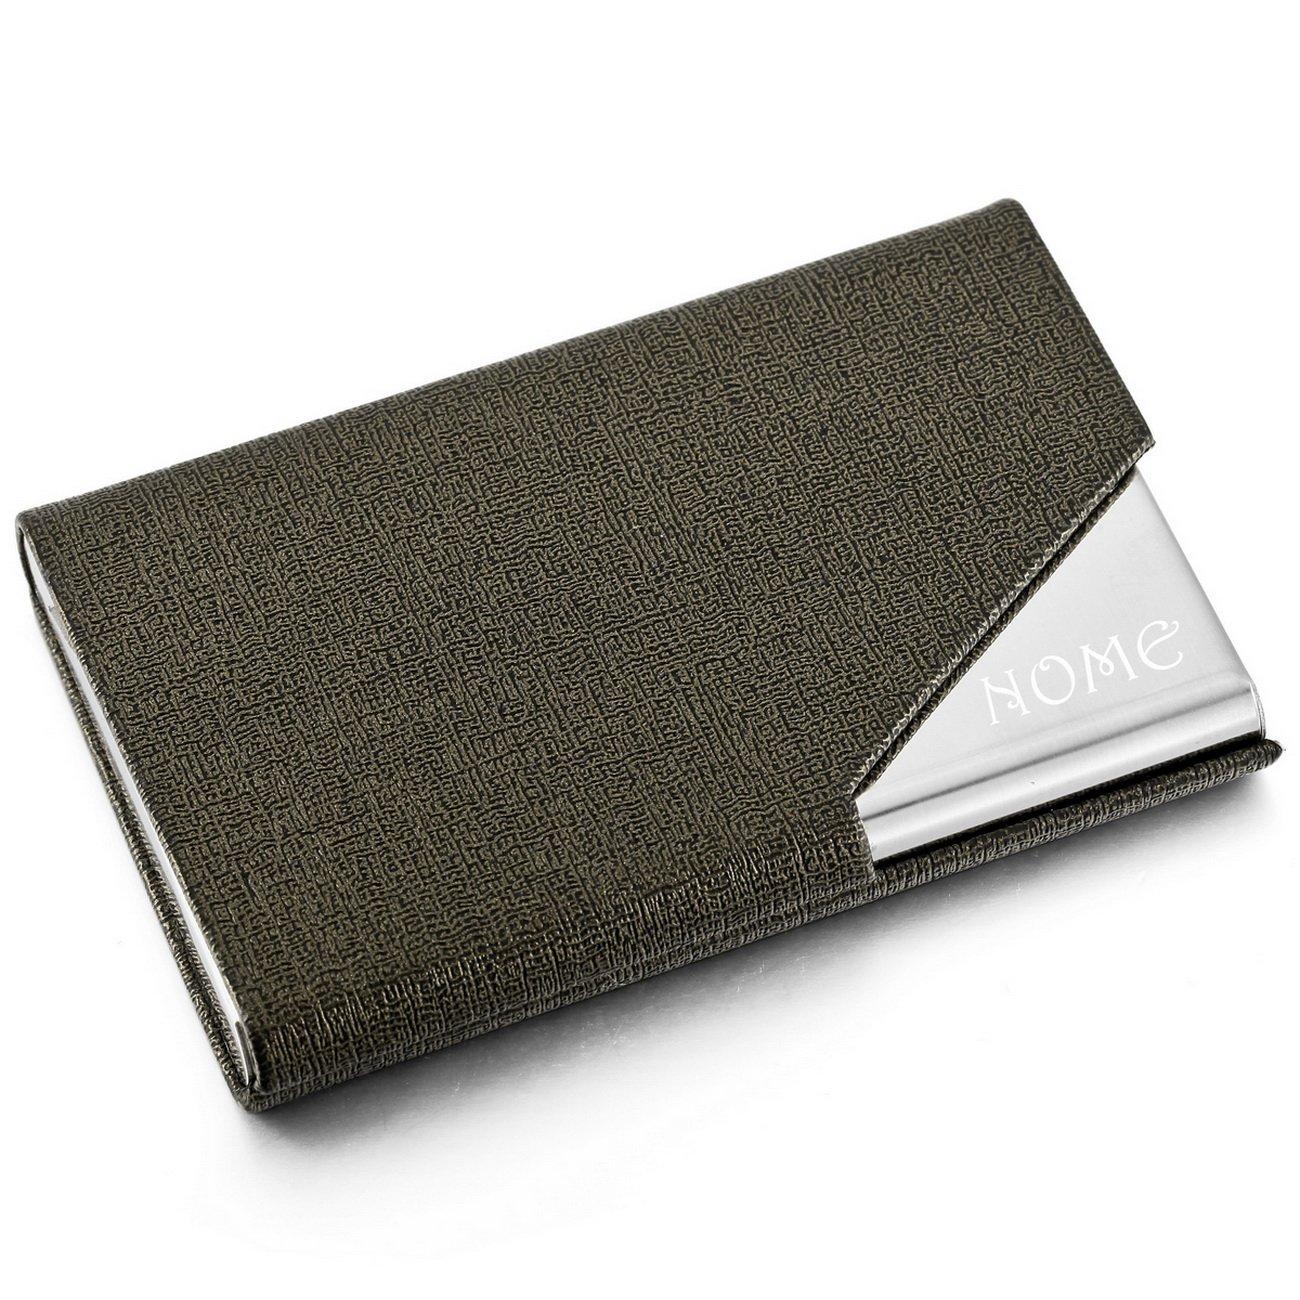 MeMeDIY Tono Argento Acciaio Inossidabile Pelle Carta Cassa Lavoro Carta Titolare - personalizzato incisione it3010013-05